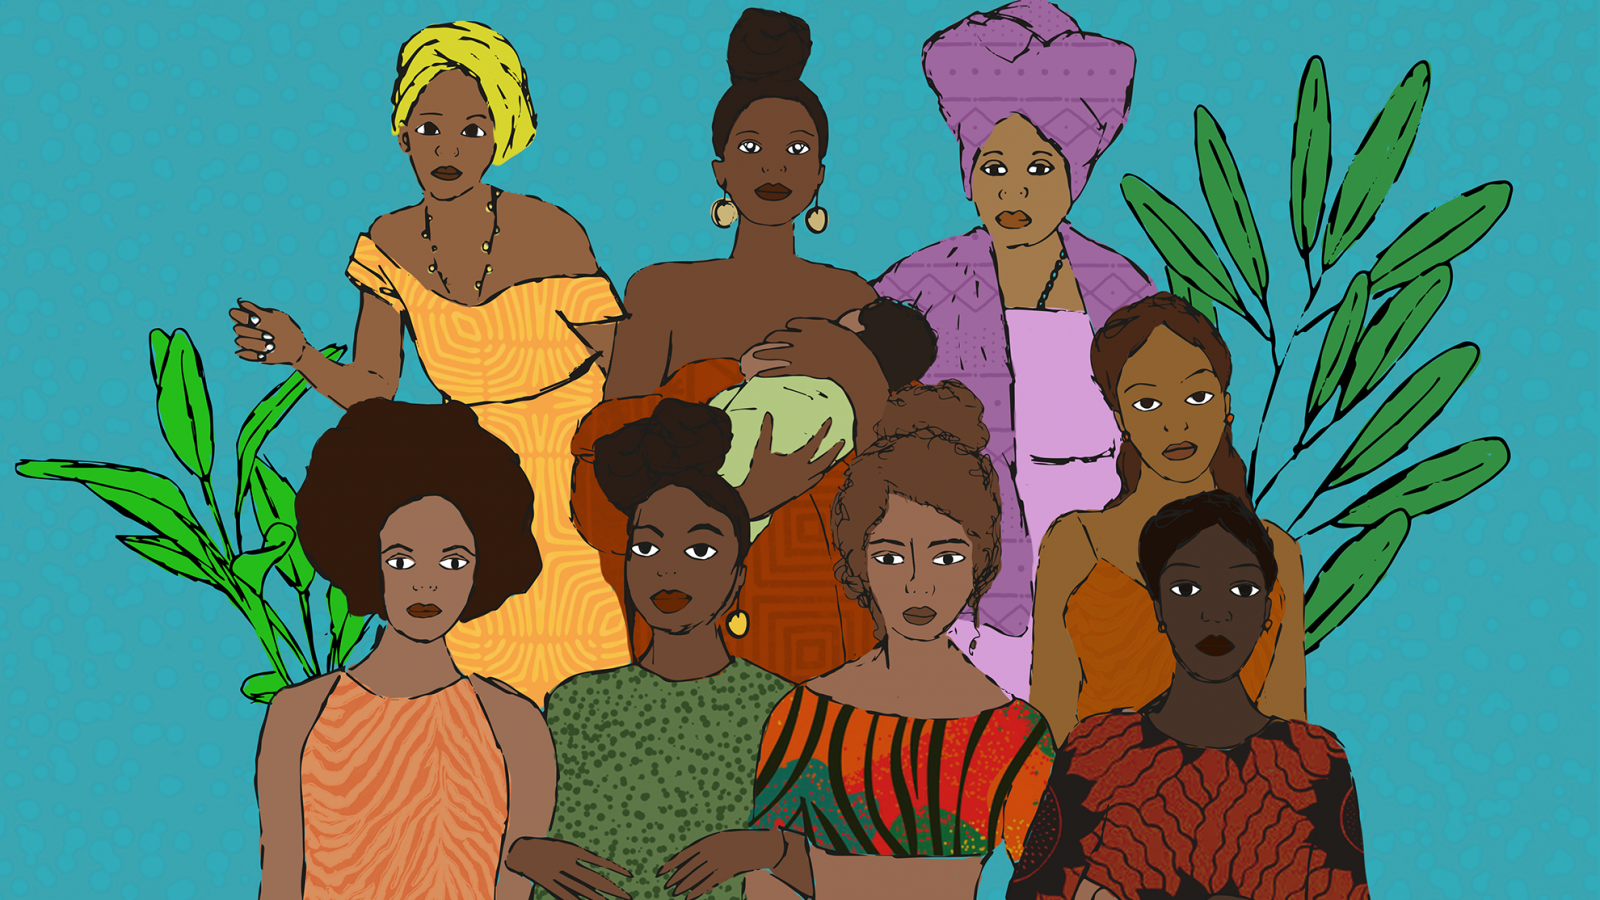 <p>Quatro lideranças femininas com atuação histórica no antirracismo falam sobre o legado das mulheres aos movimentos negros e à transformação social</p>